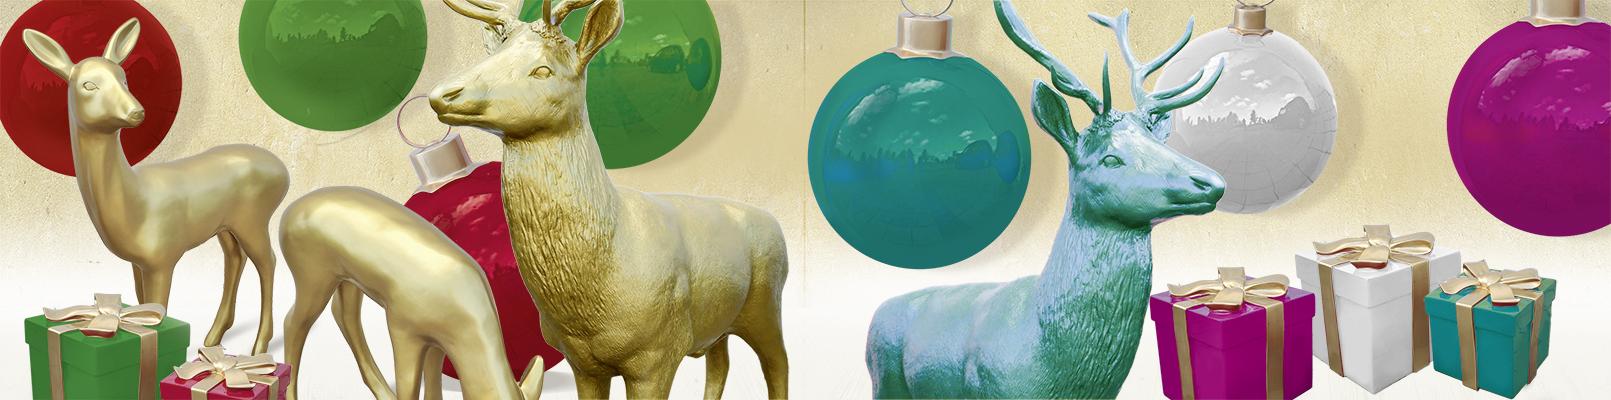 Fiberglasobjekte für Weihnachten